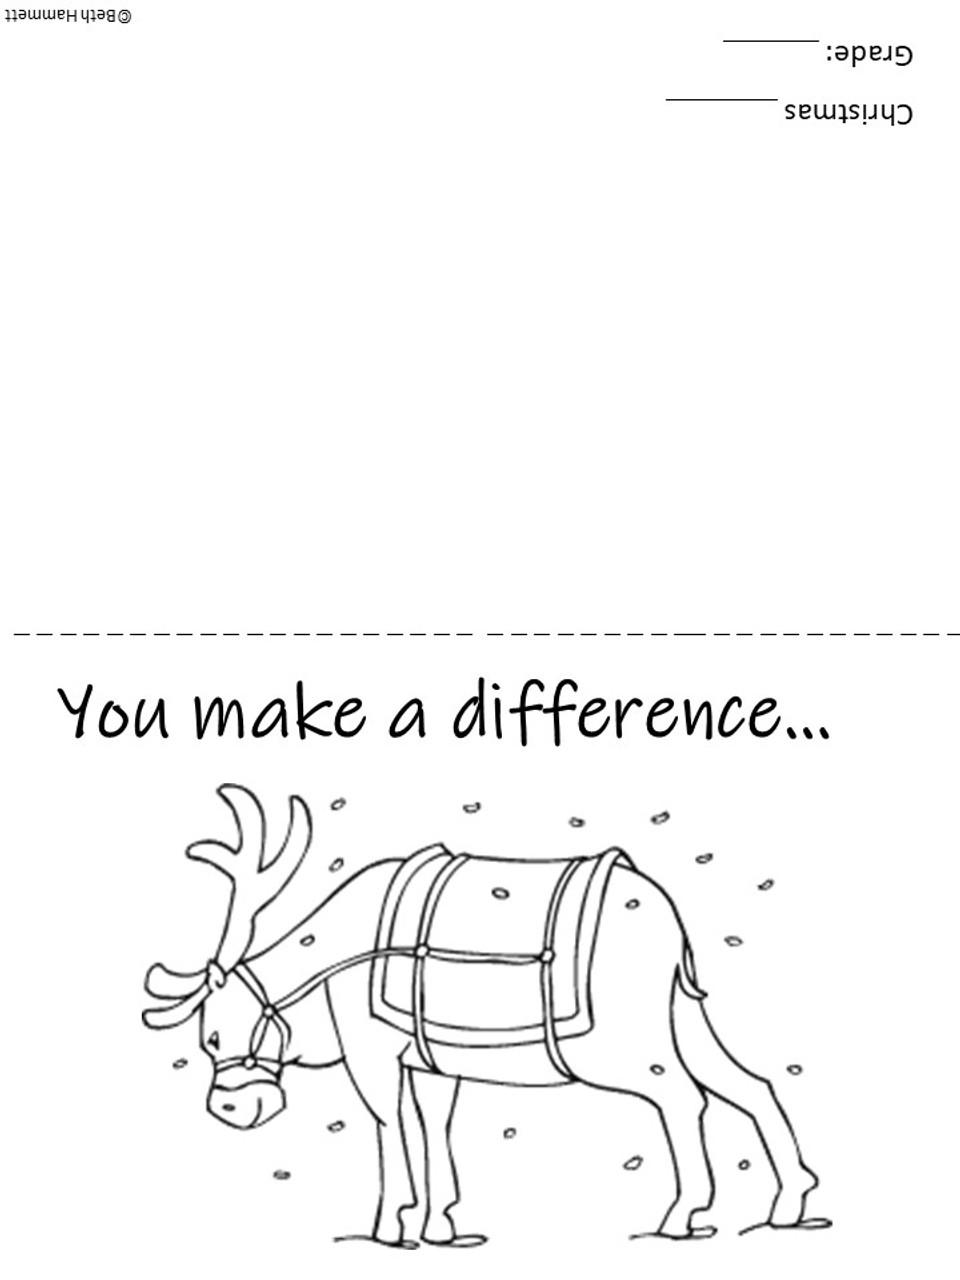 Christmas Cards to Make & Give